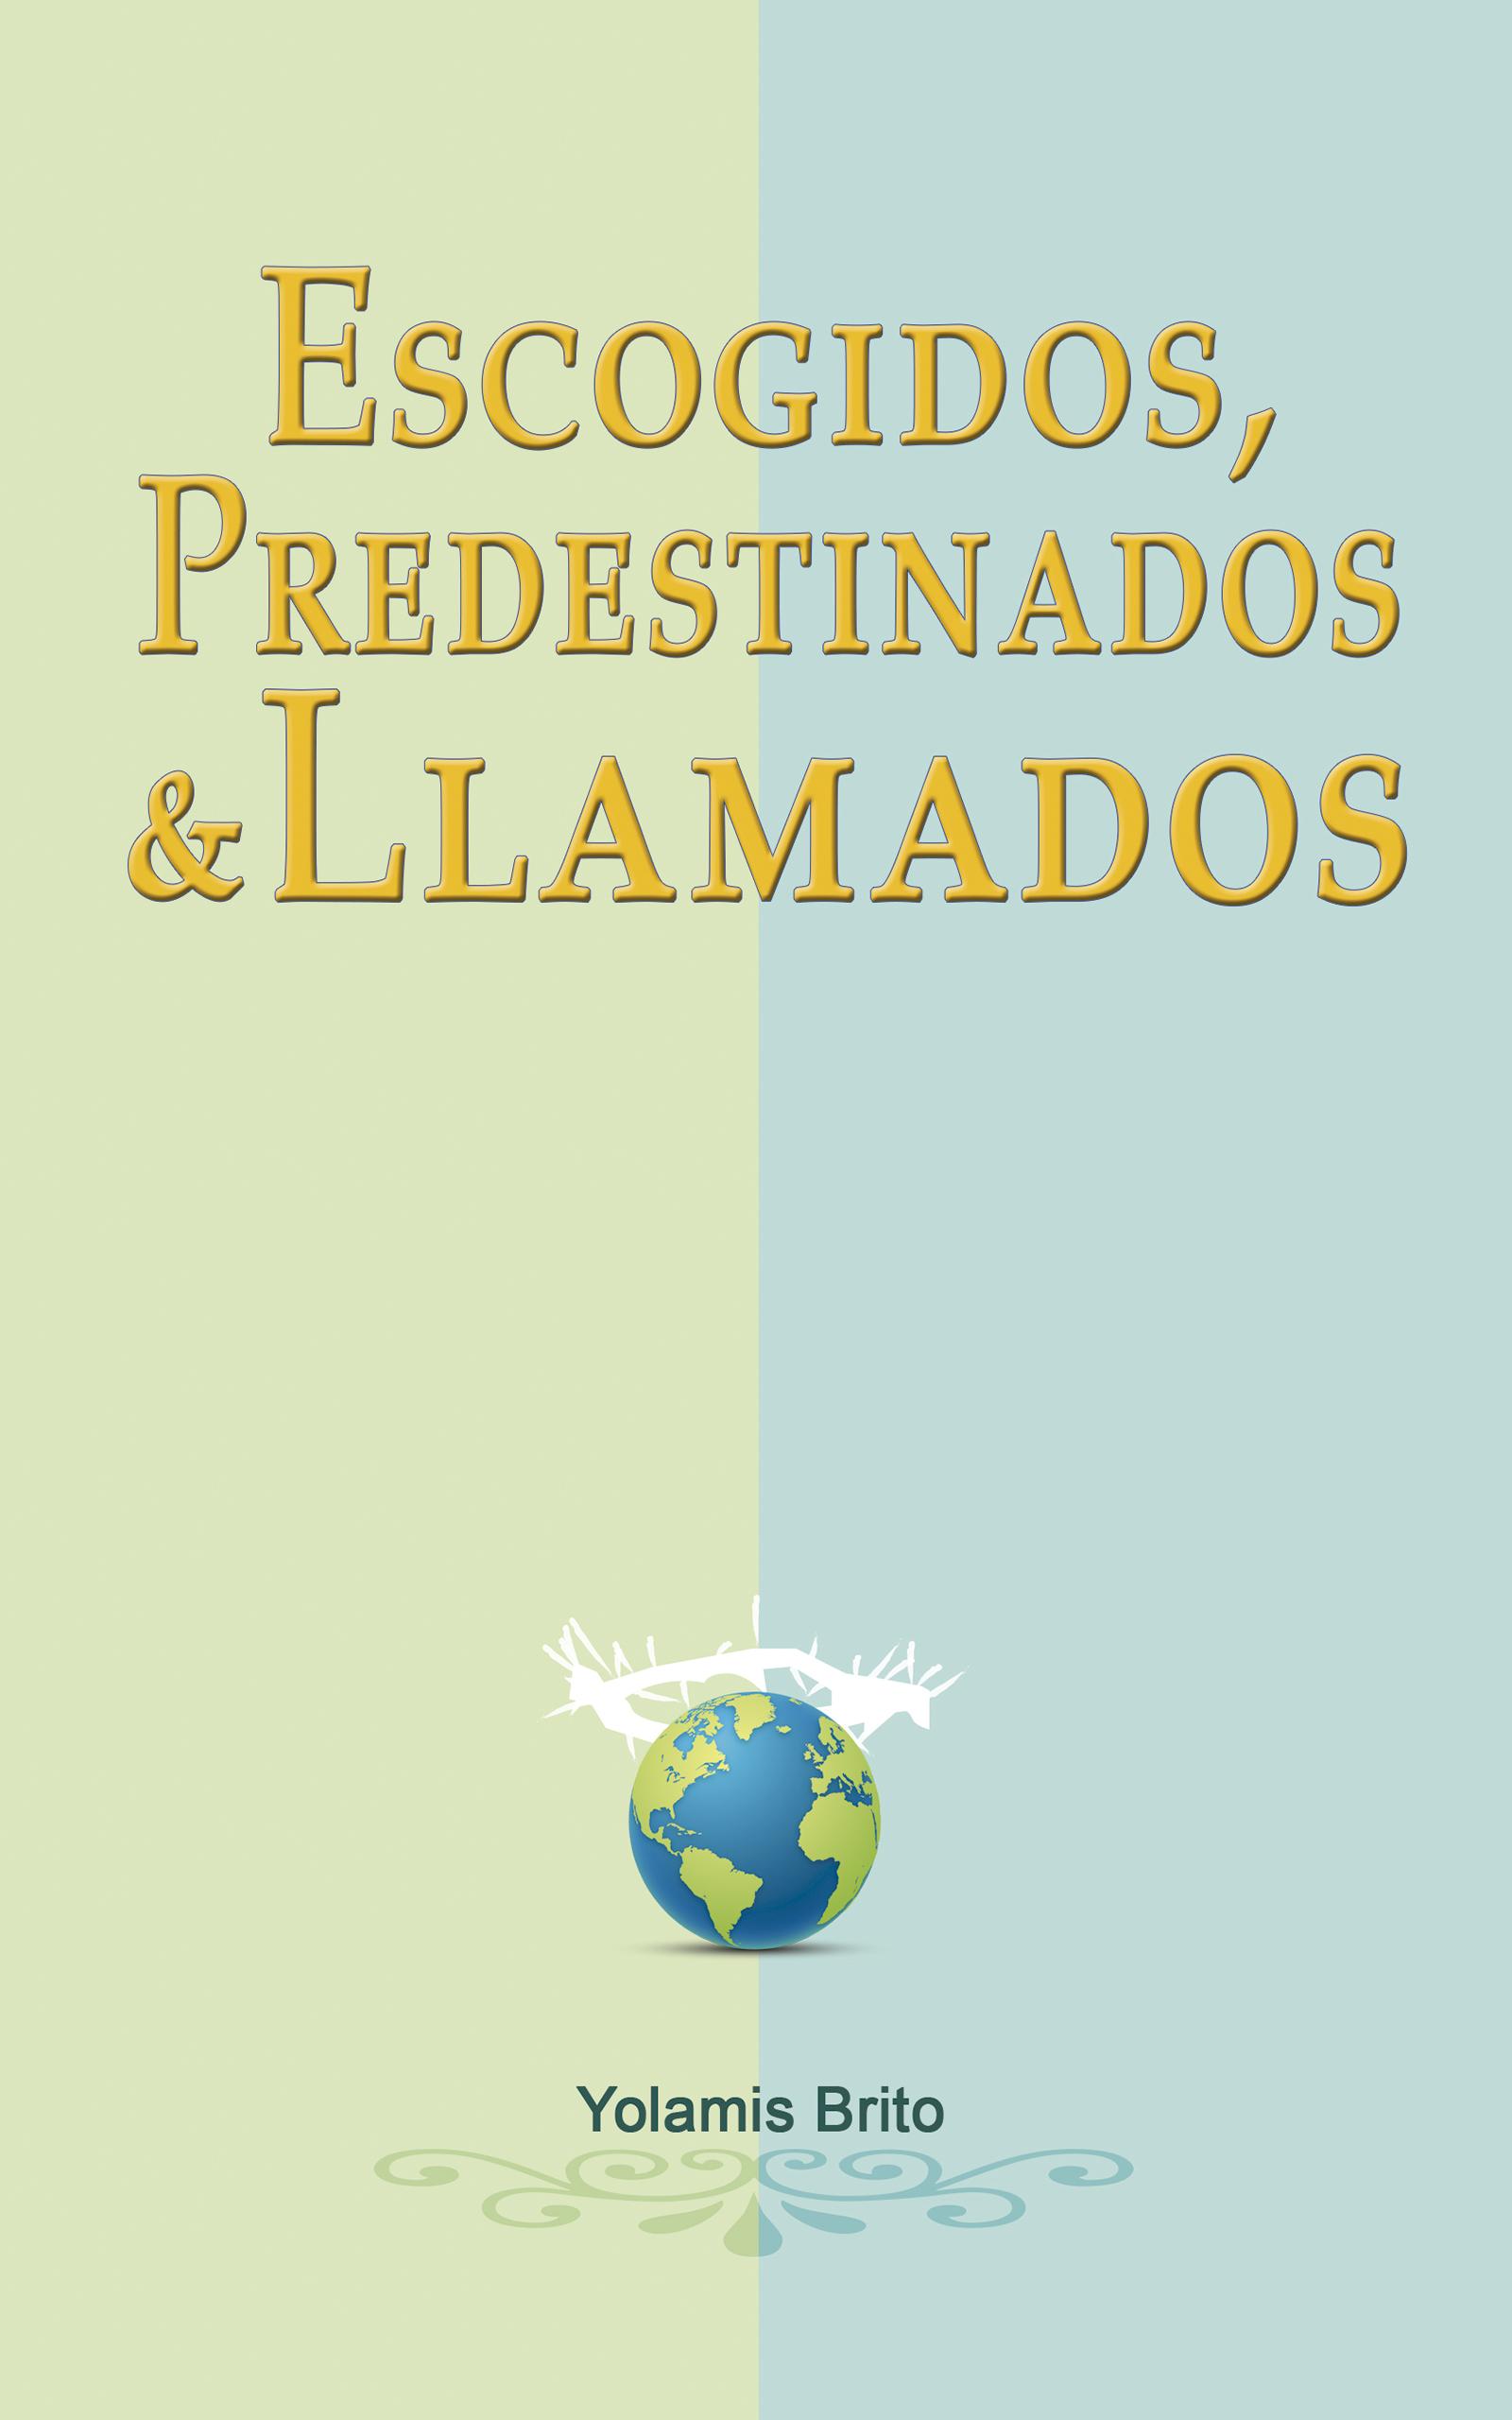 Portada EBook Escogidos, Predestinados & Llamados YOLAMIS BRITO